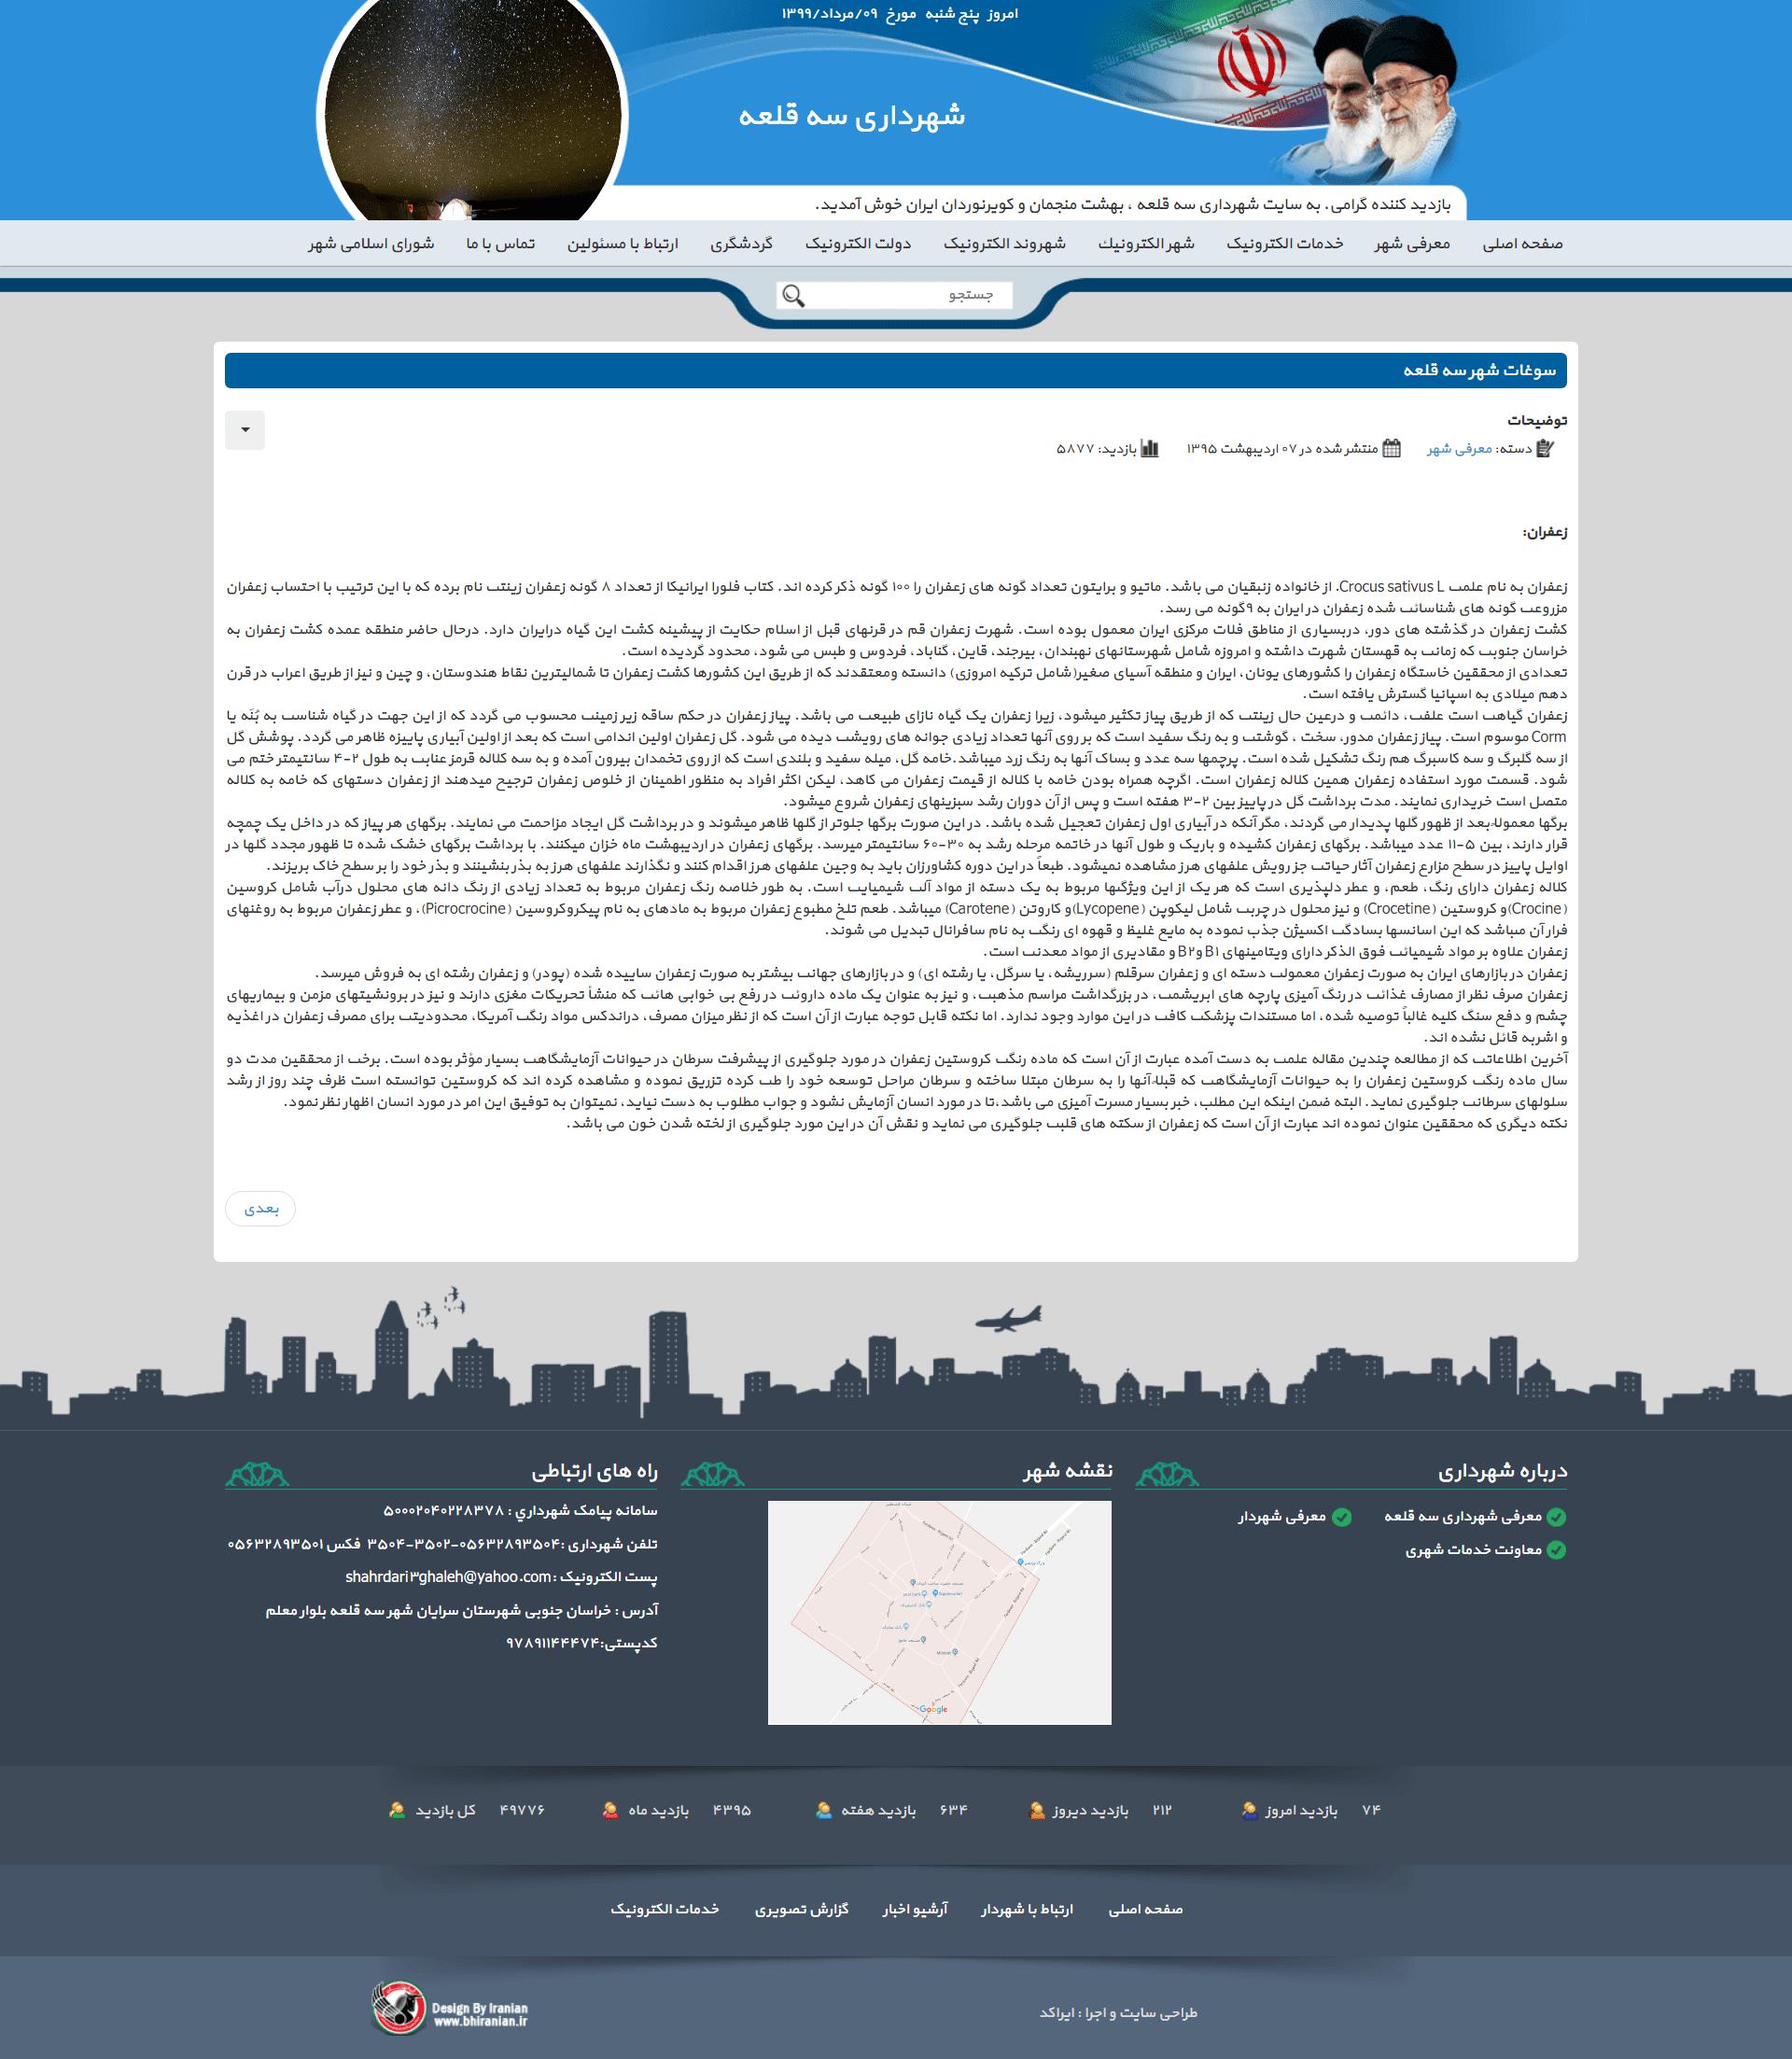 صفحه سوغات سایت شهرداری سه قلعه